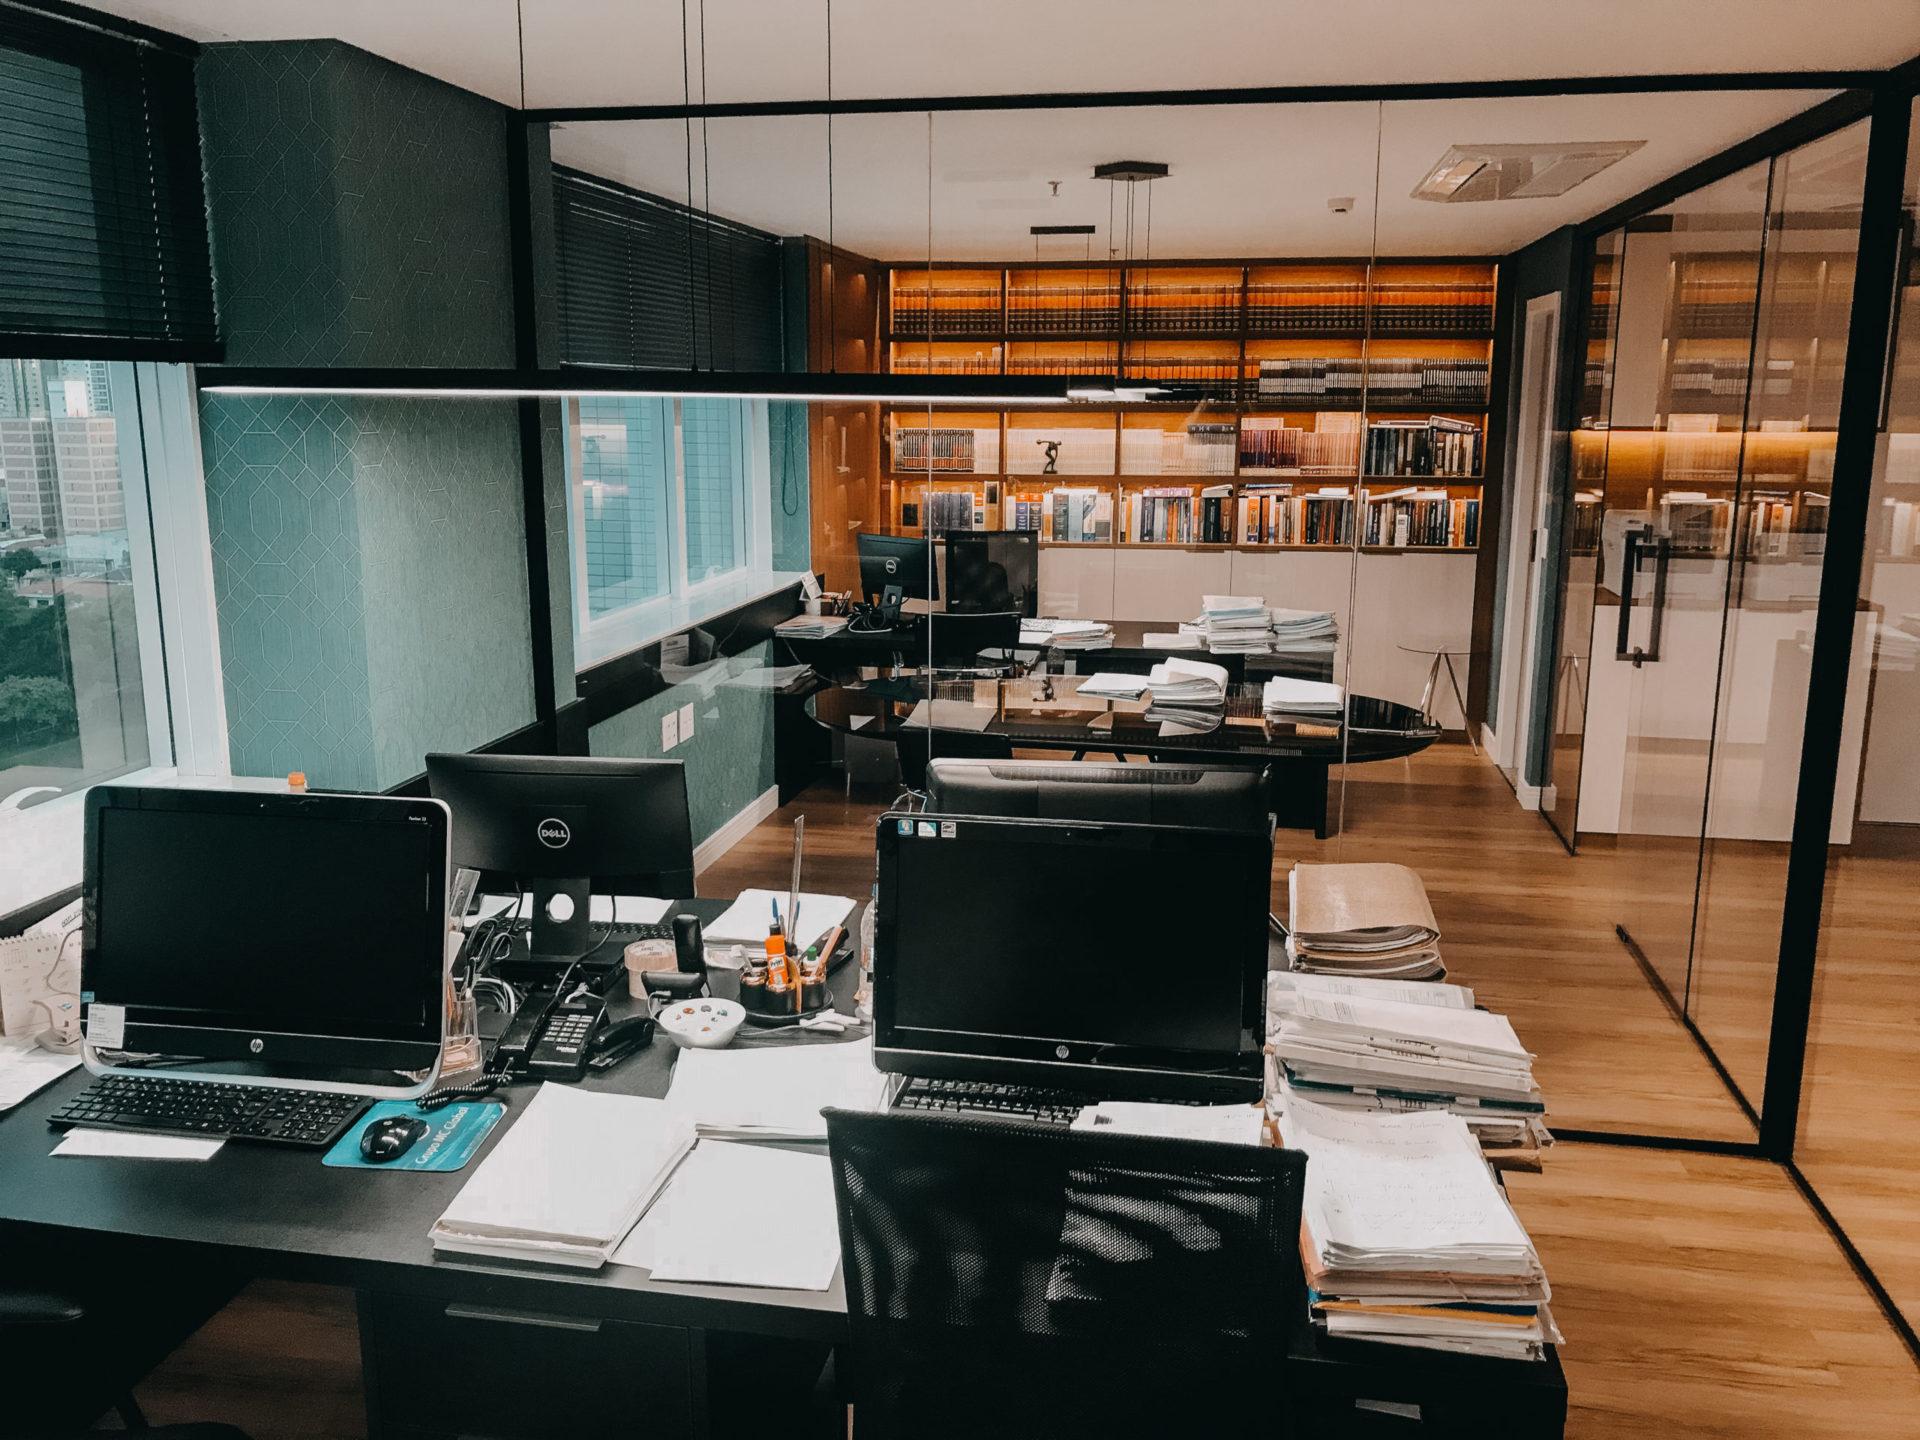 Hpstip Escritório e Sala de Reuniões